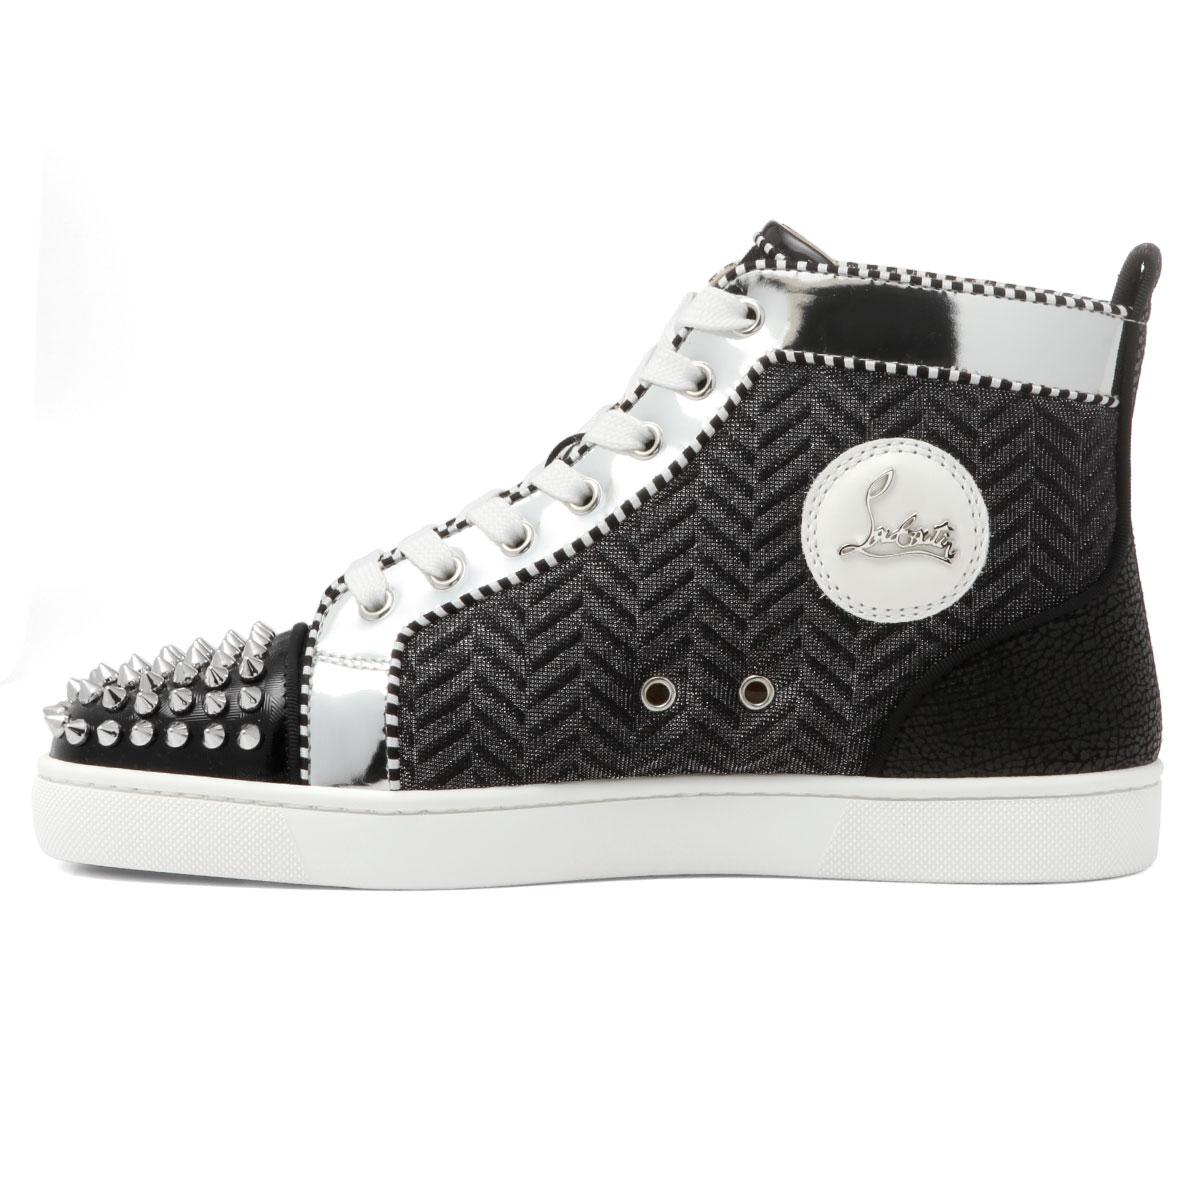 1190400 クリスチャンルブタン Christian Louboutin Shoes Men Bk65 Sneakers Higher Frequency Elimination Lou Spikes Orlato Flat ルースパイクスオルラートフラット Black Silver Black